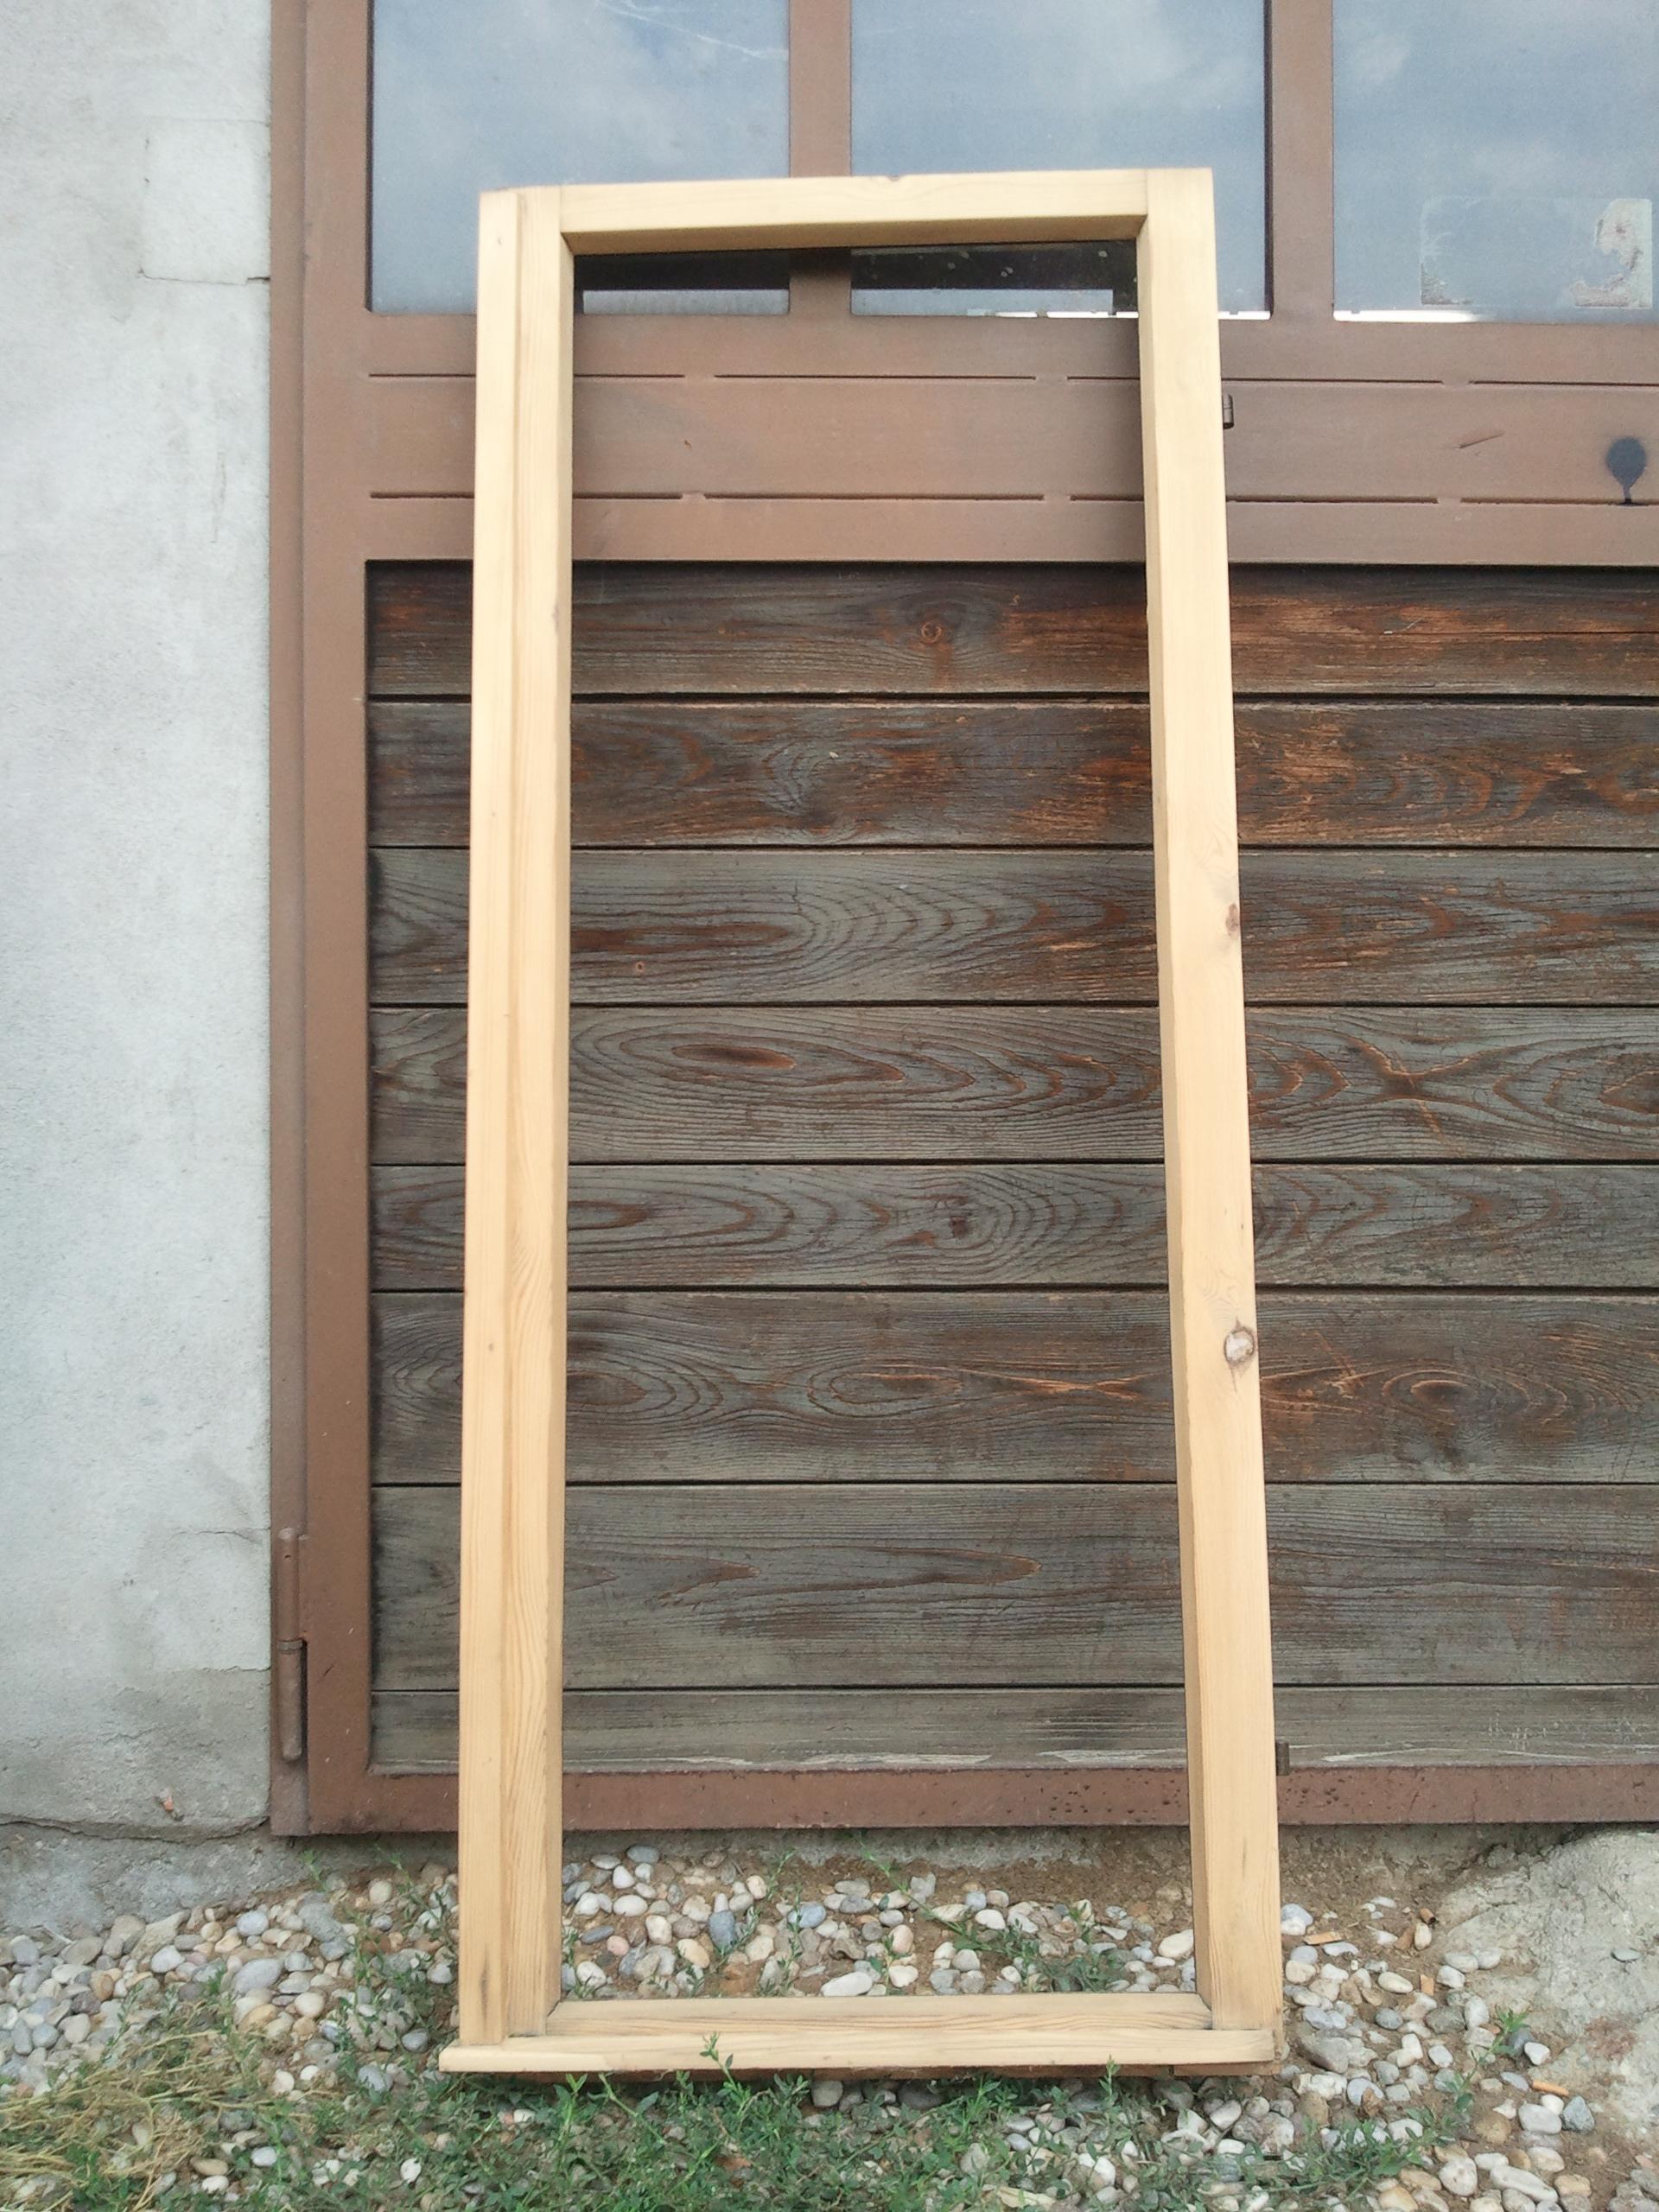 Ii telaio finestra appena sverniciato e carteggiato l - Telaio finestra legno ...